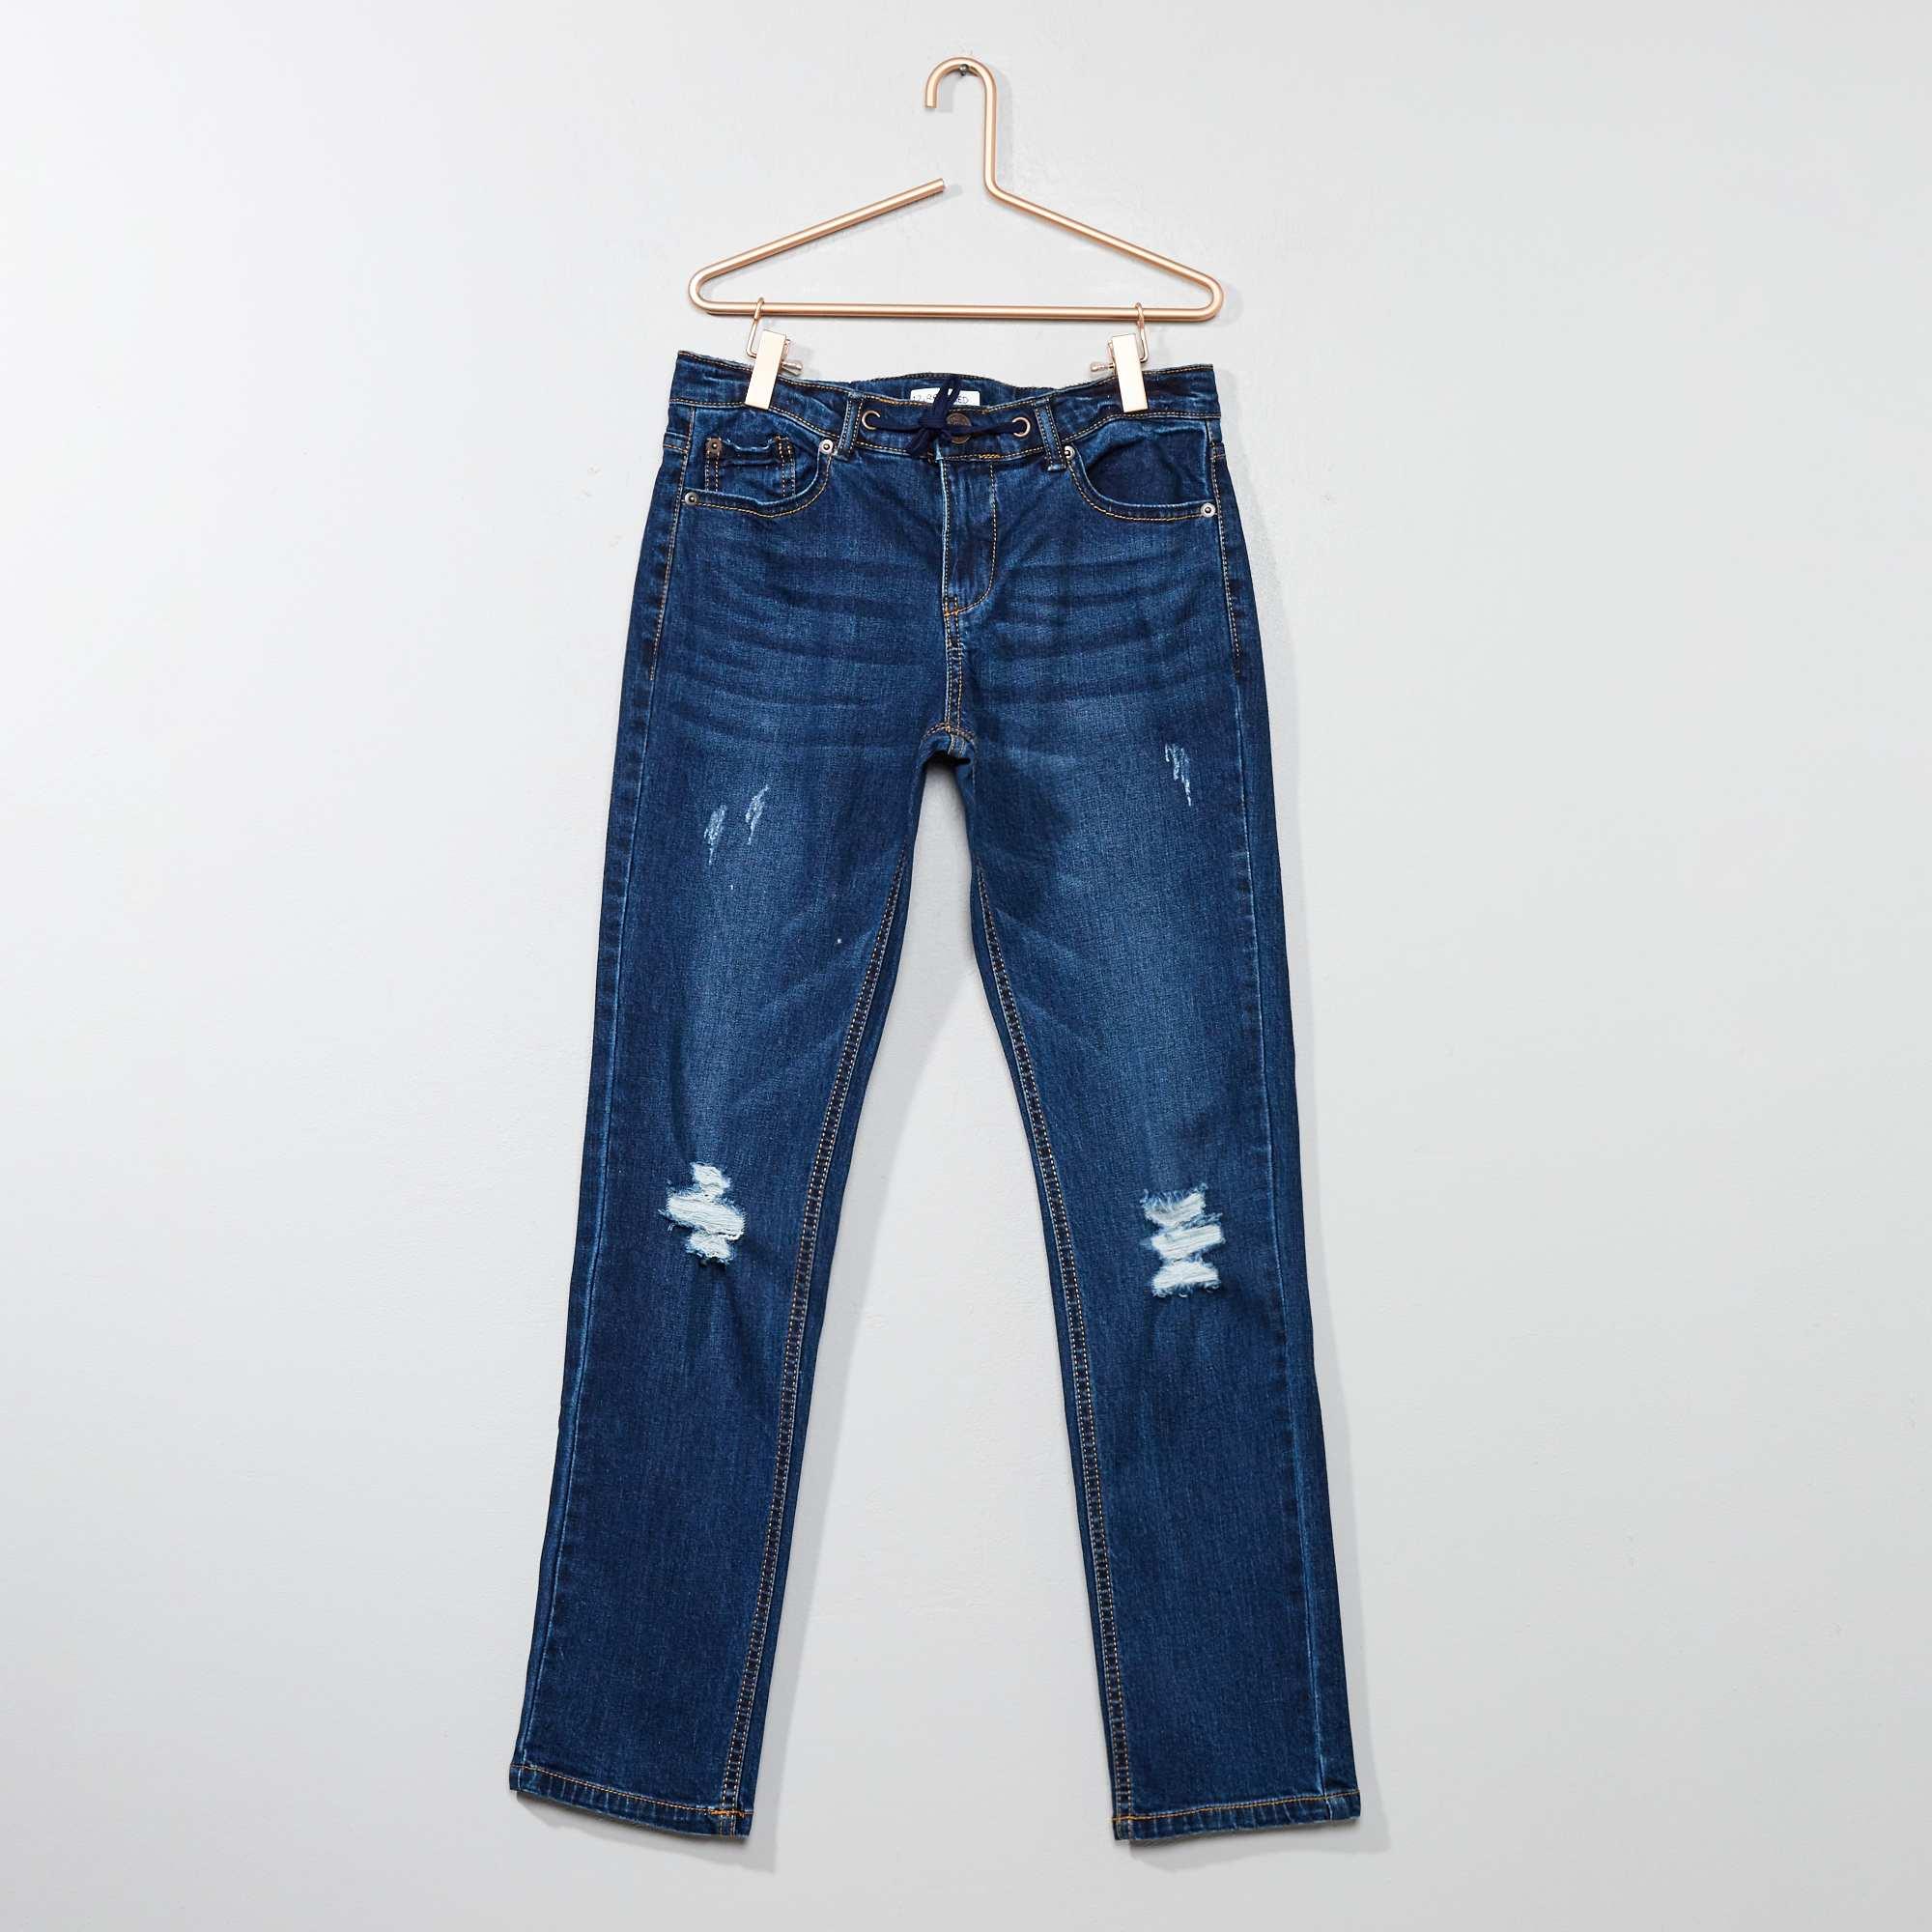 Couleur : gris, brut, stone,, - Taille : 12A, XS, S,,Un jean à abrasions à la coupe des plus confortables ! - Jean relaxed fit - En coton